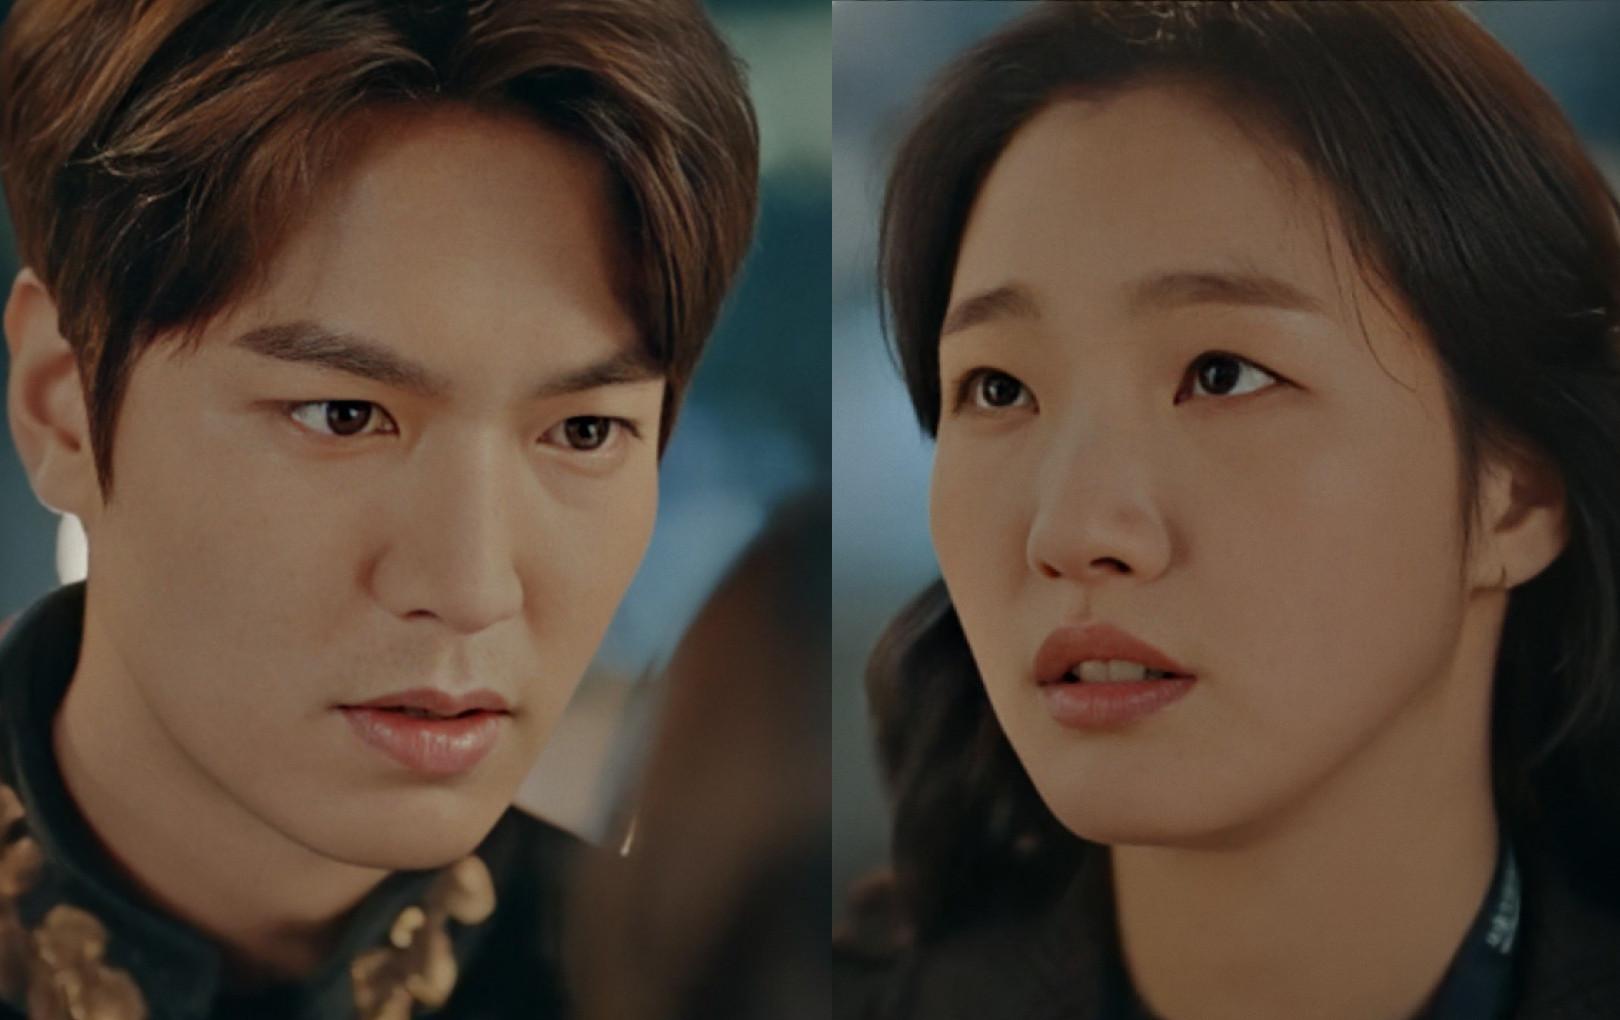 """Quân vương bất diệt của Lee Min Ho bị chê tơi bời ngay mới tập 1, Kim Go Eun """"ăn gạch đá"""" tơi tả"""